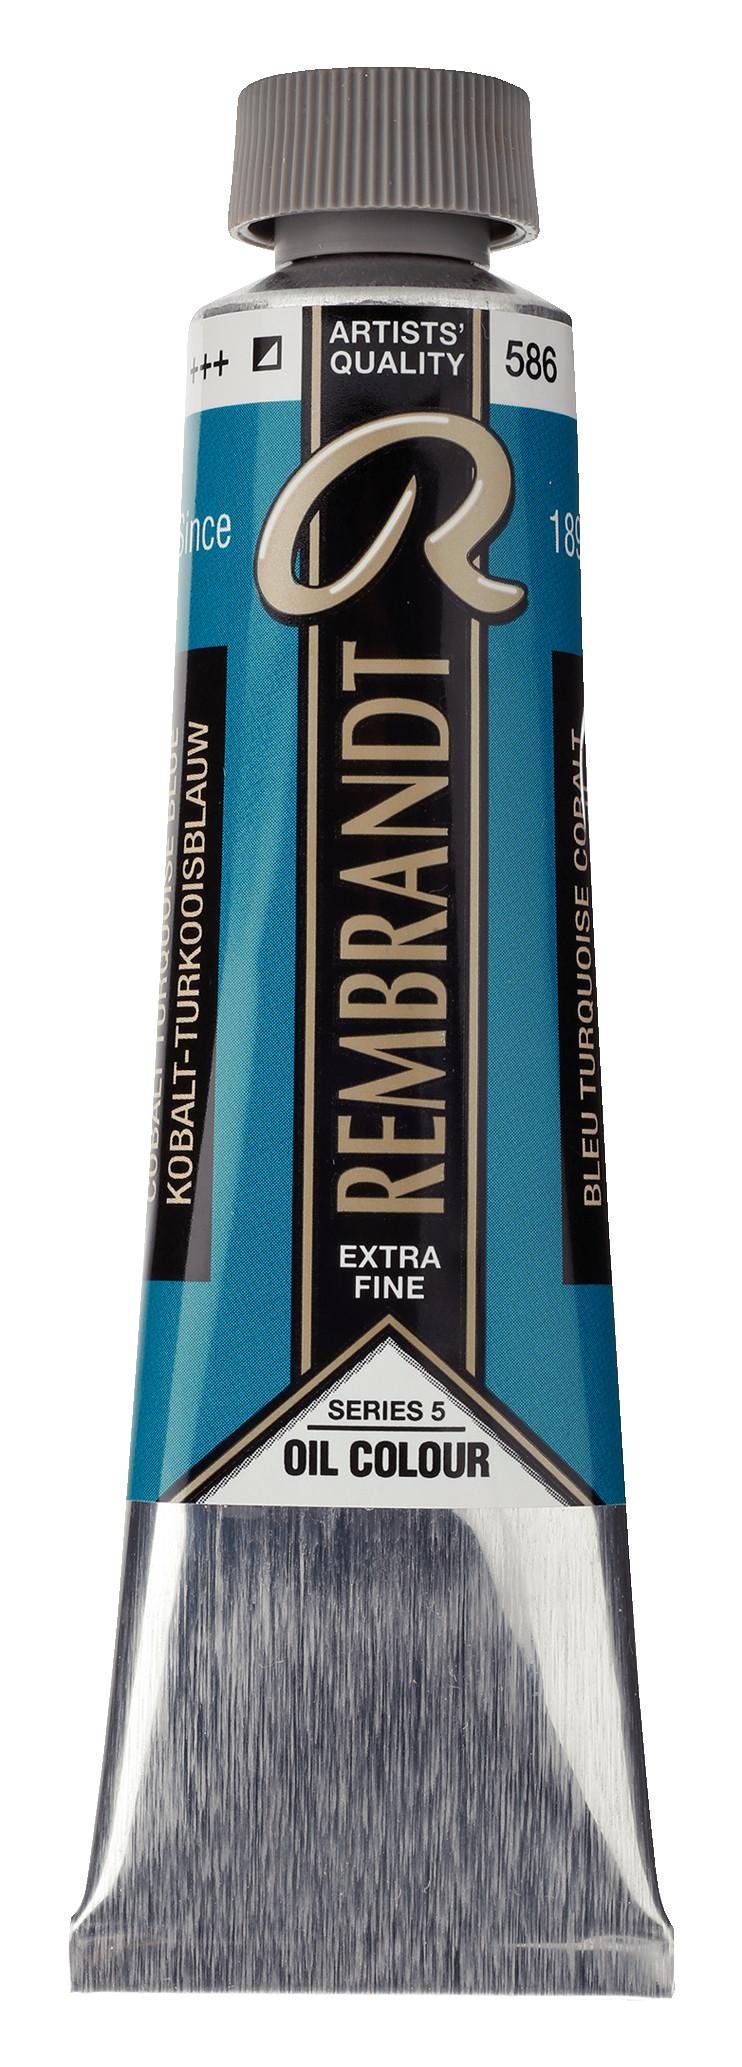 Rembrandt Oil colour Paint Cobalt Turquoise Blue (586) 40ml Tube